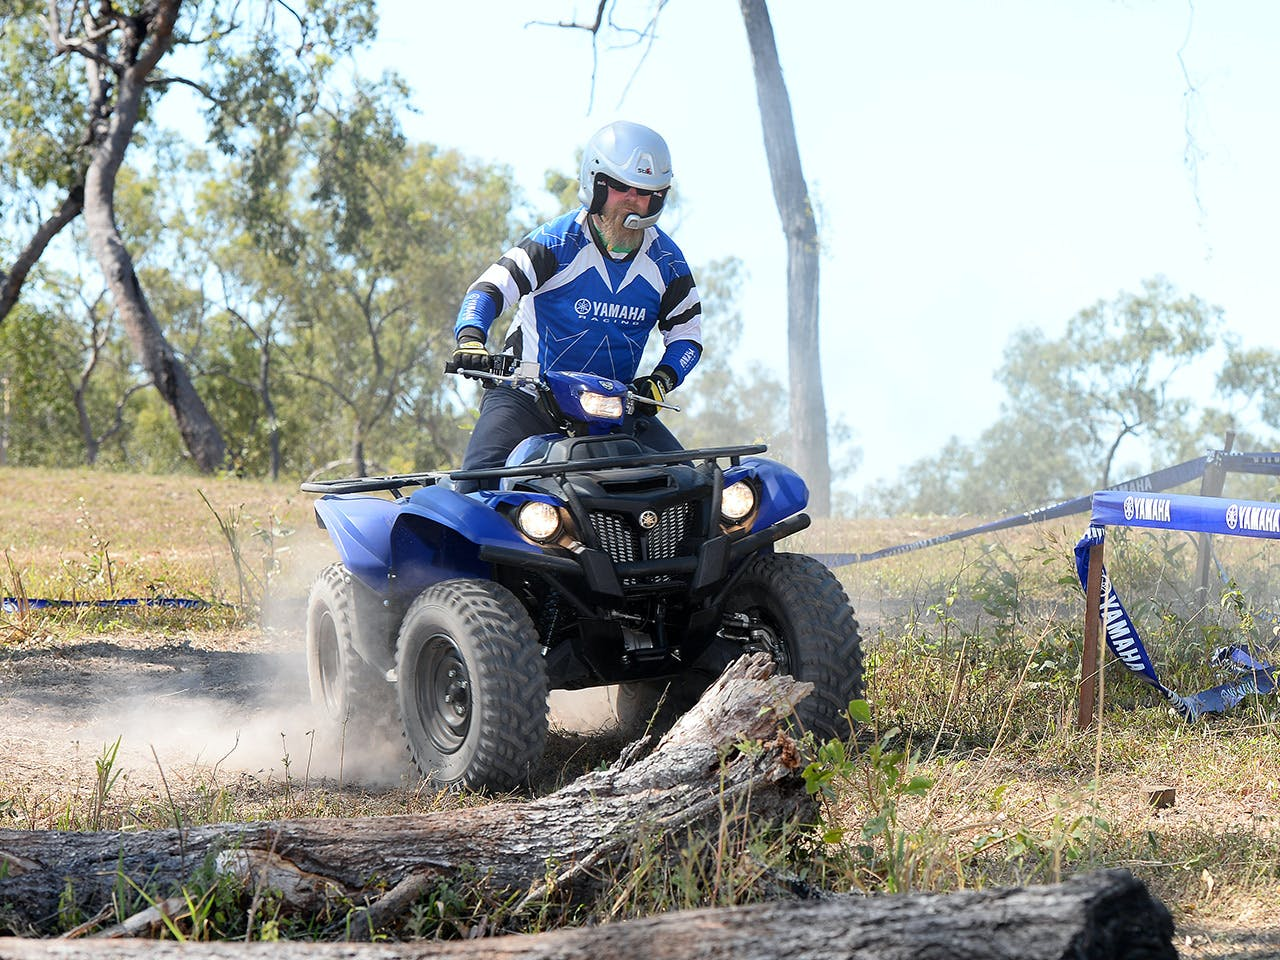 Yamaha Kodiak 700 EPS on off road track